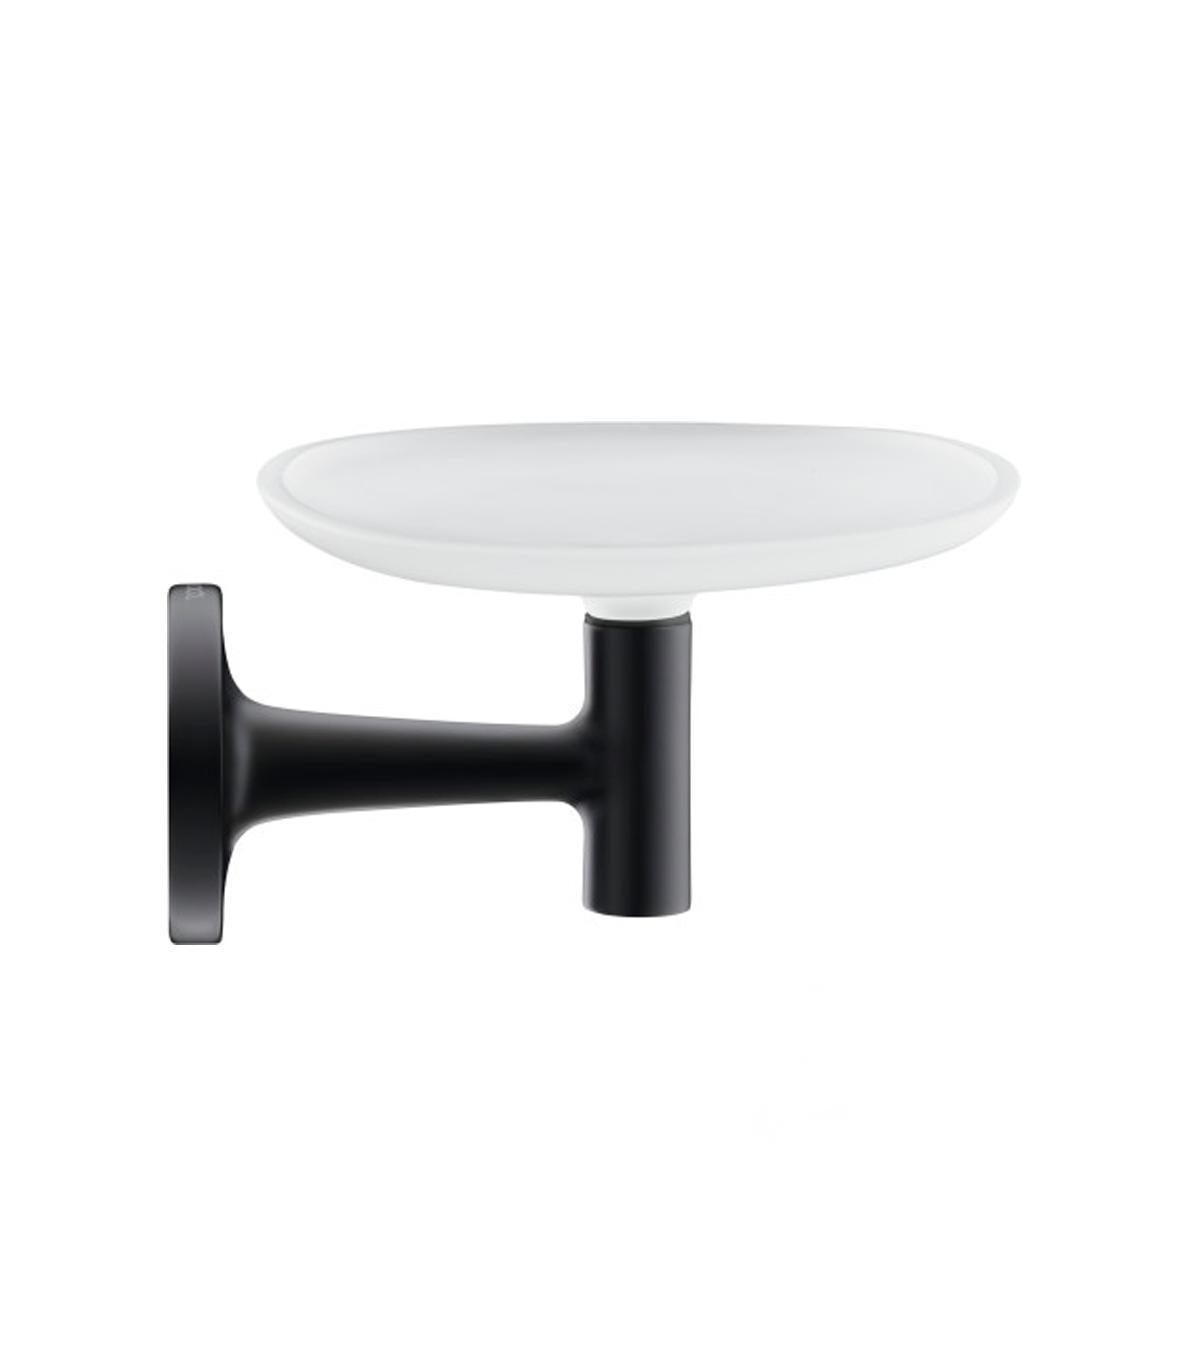 robinet bord de baignoire hansgrohe axor urquiola avec bec